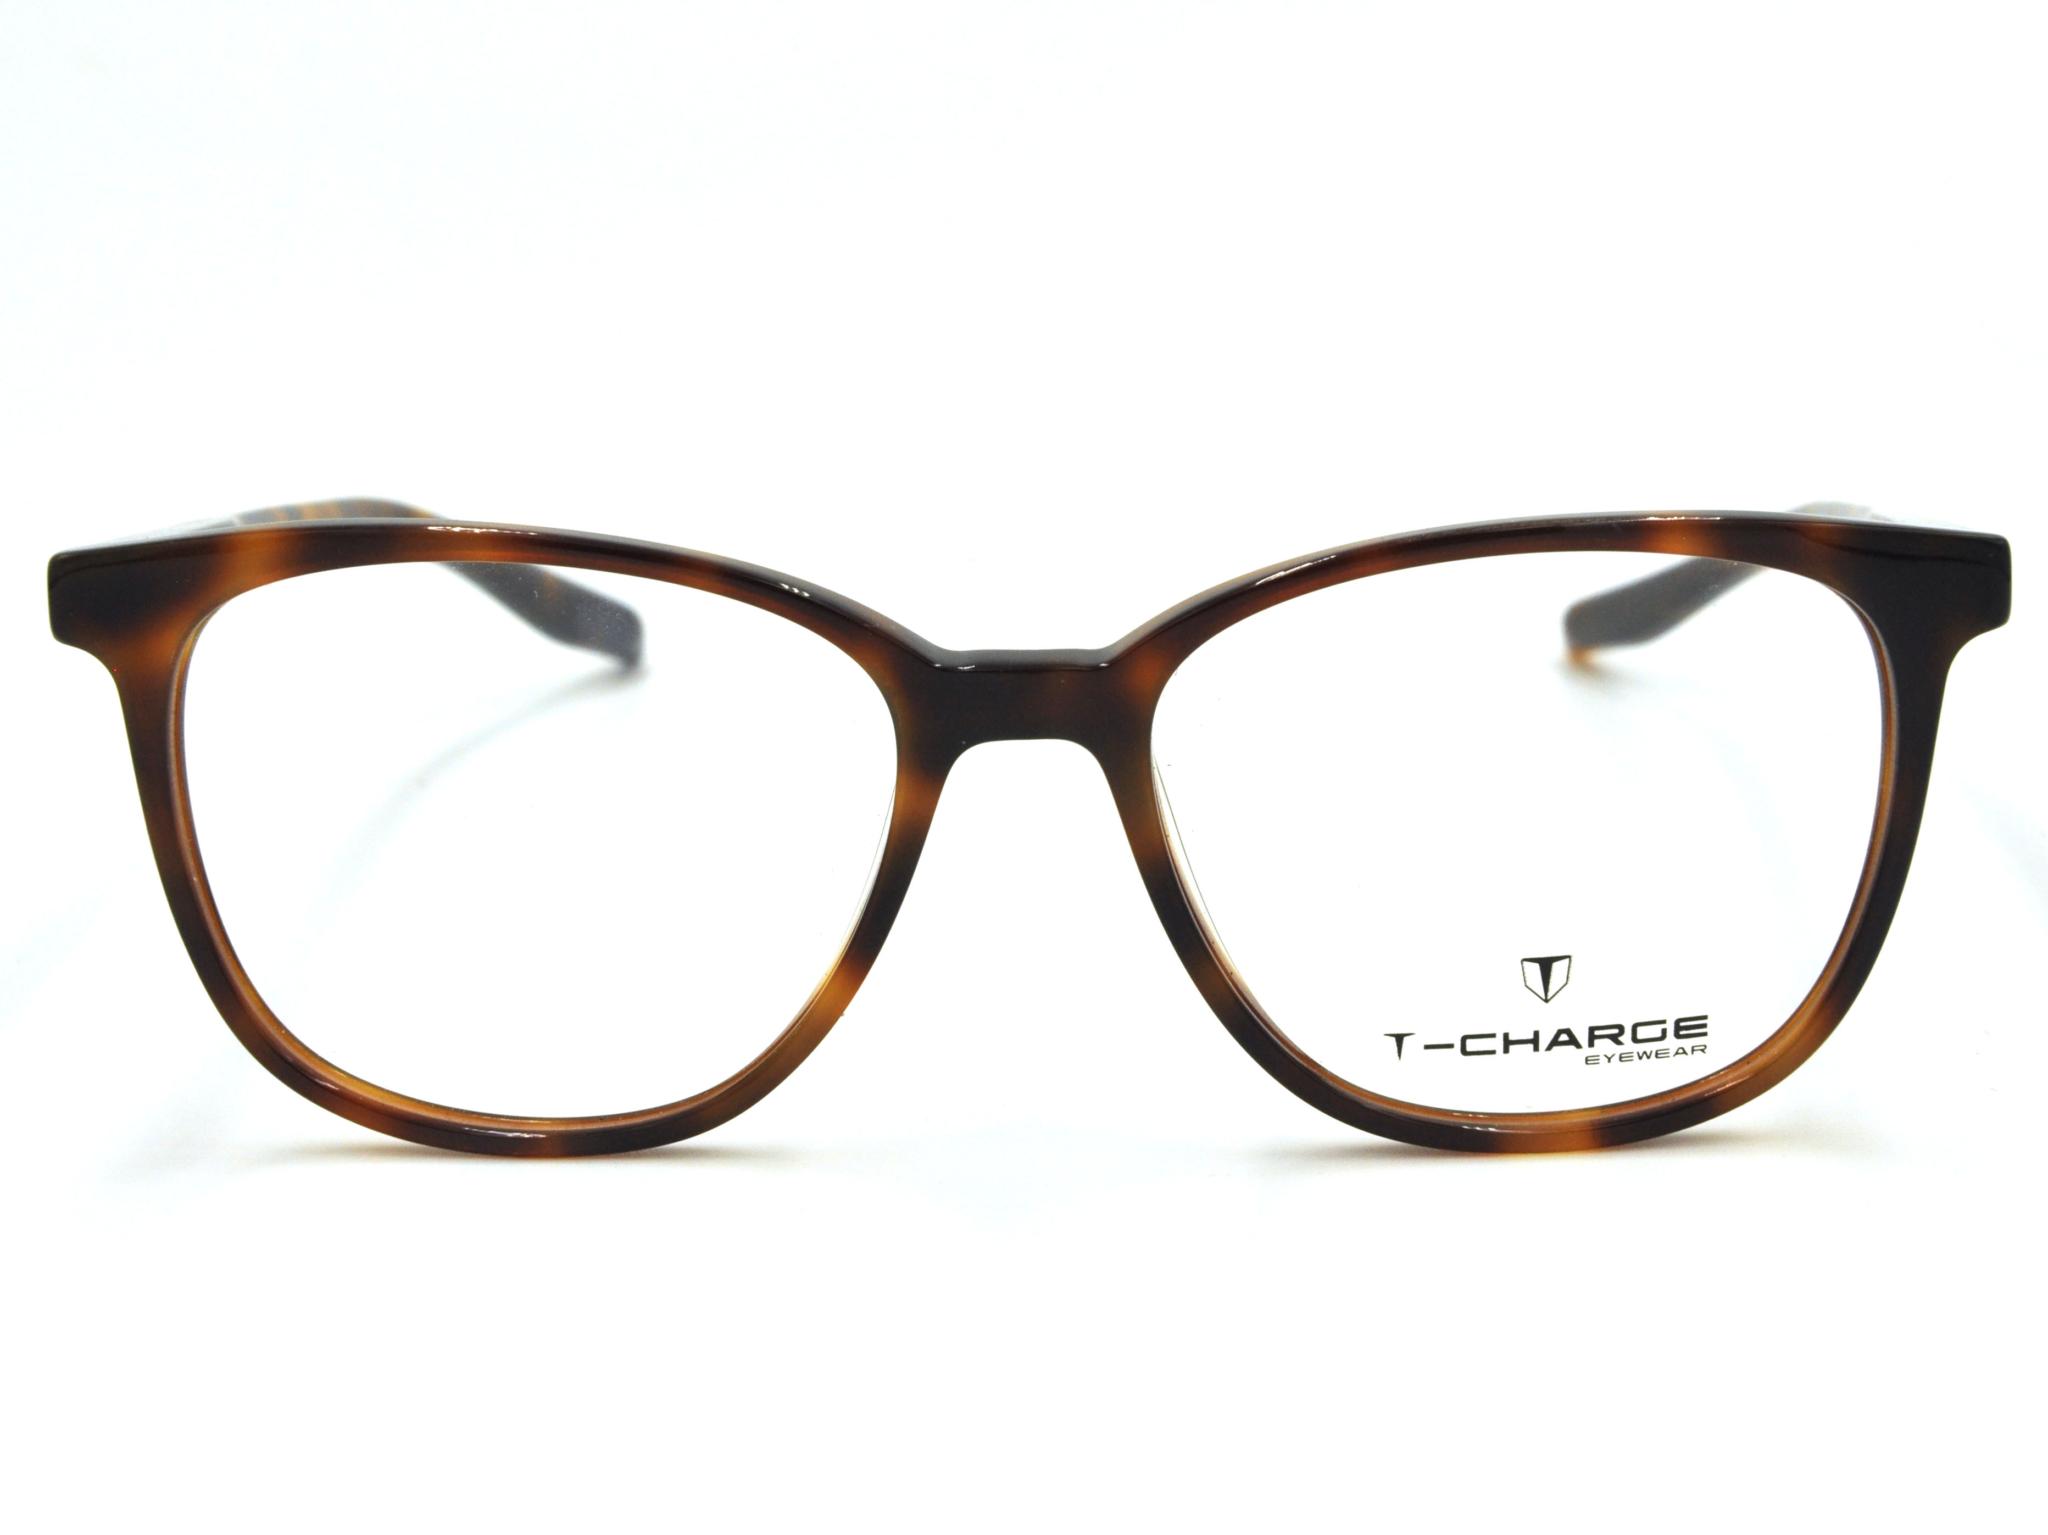 Γυαλιά οράσεως T CHARGE T6095 G21 Πειραιάς